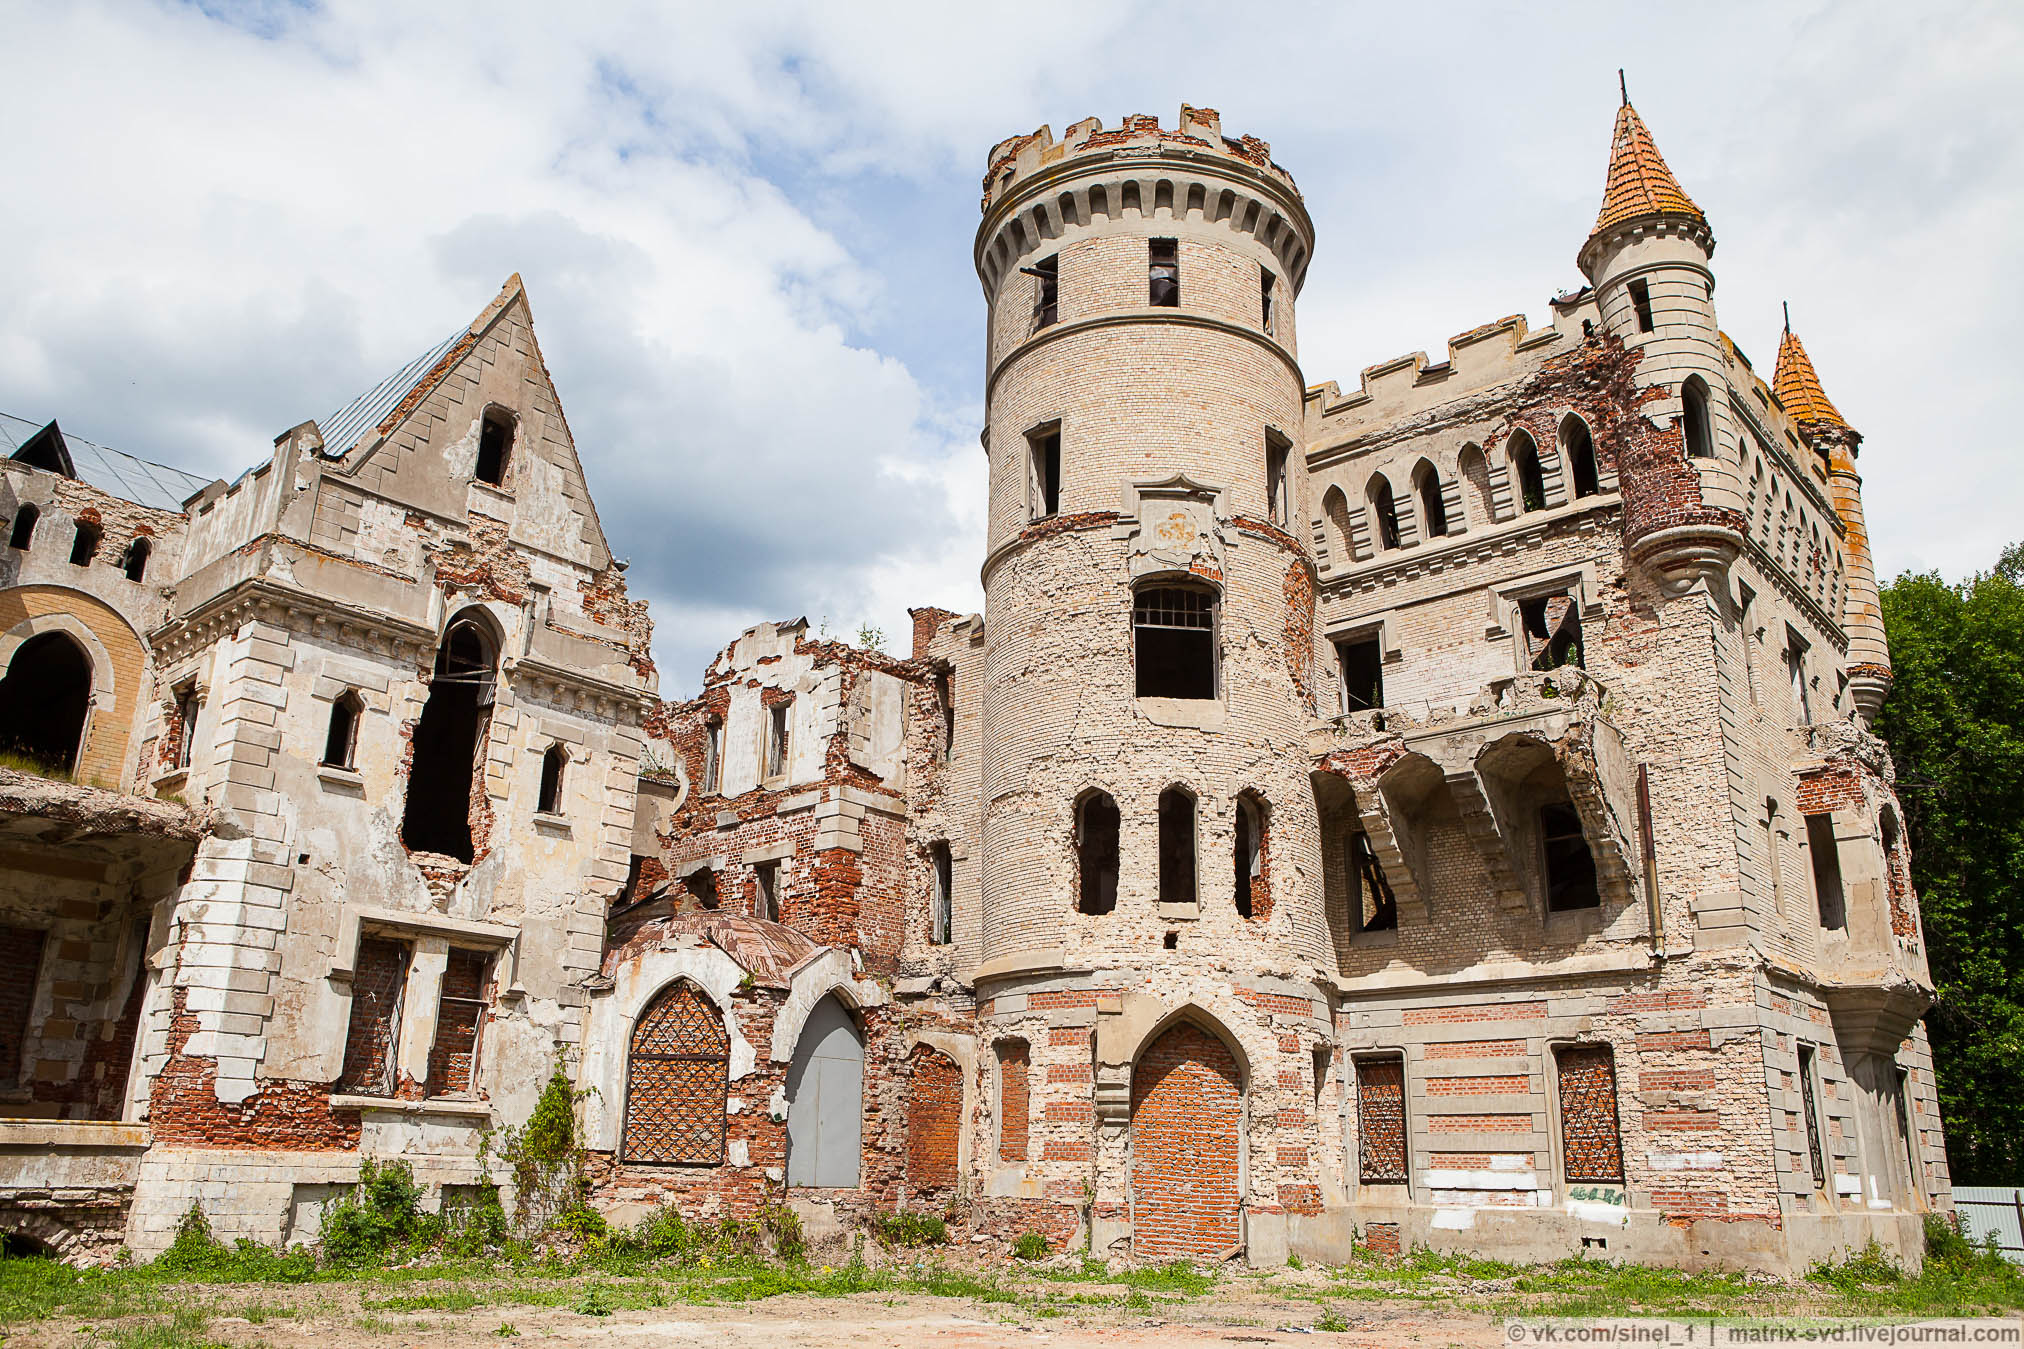 часть замок храповицкого в поселке муромцево фото радужная